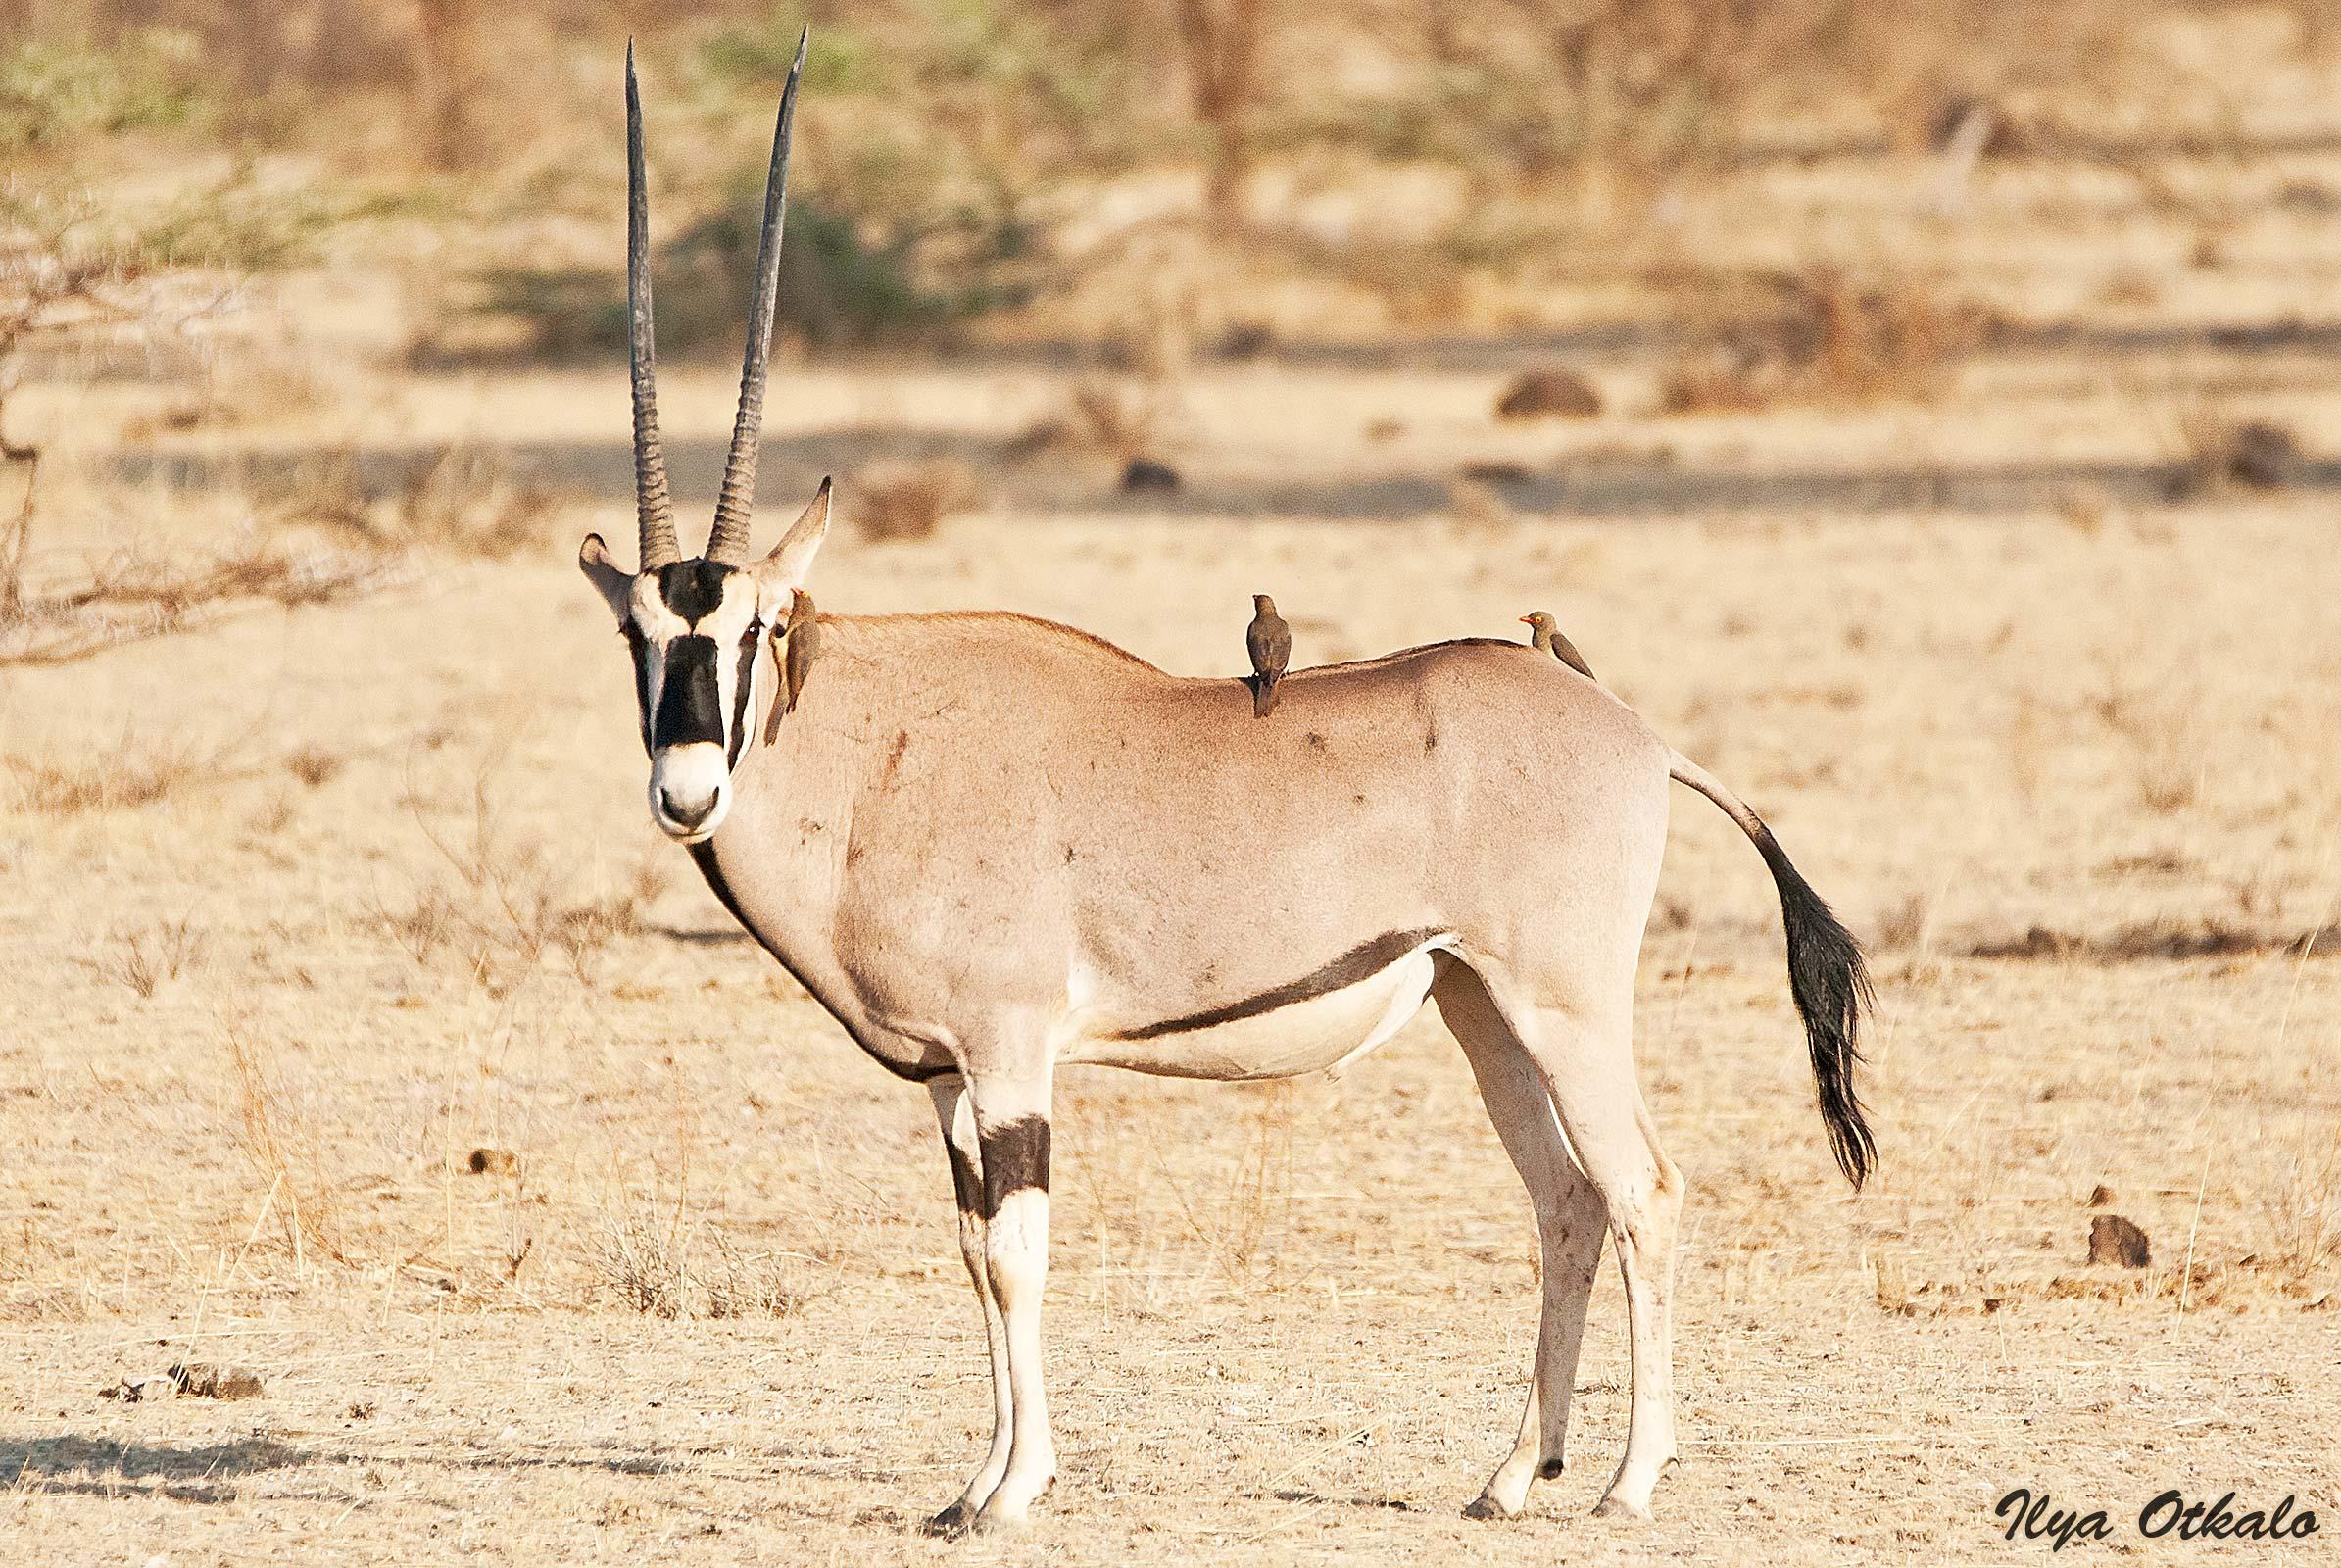 Кения, Национальный парк - заповедник Шаба. Орикс.